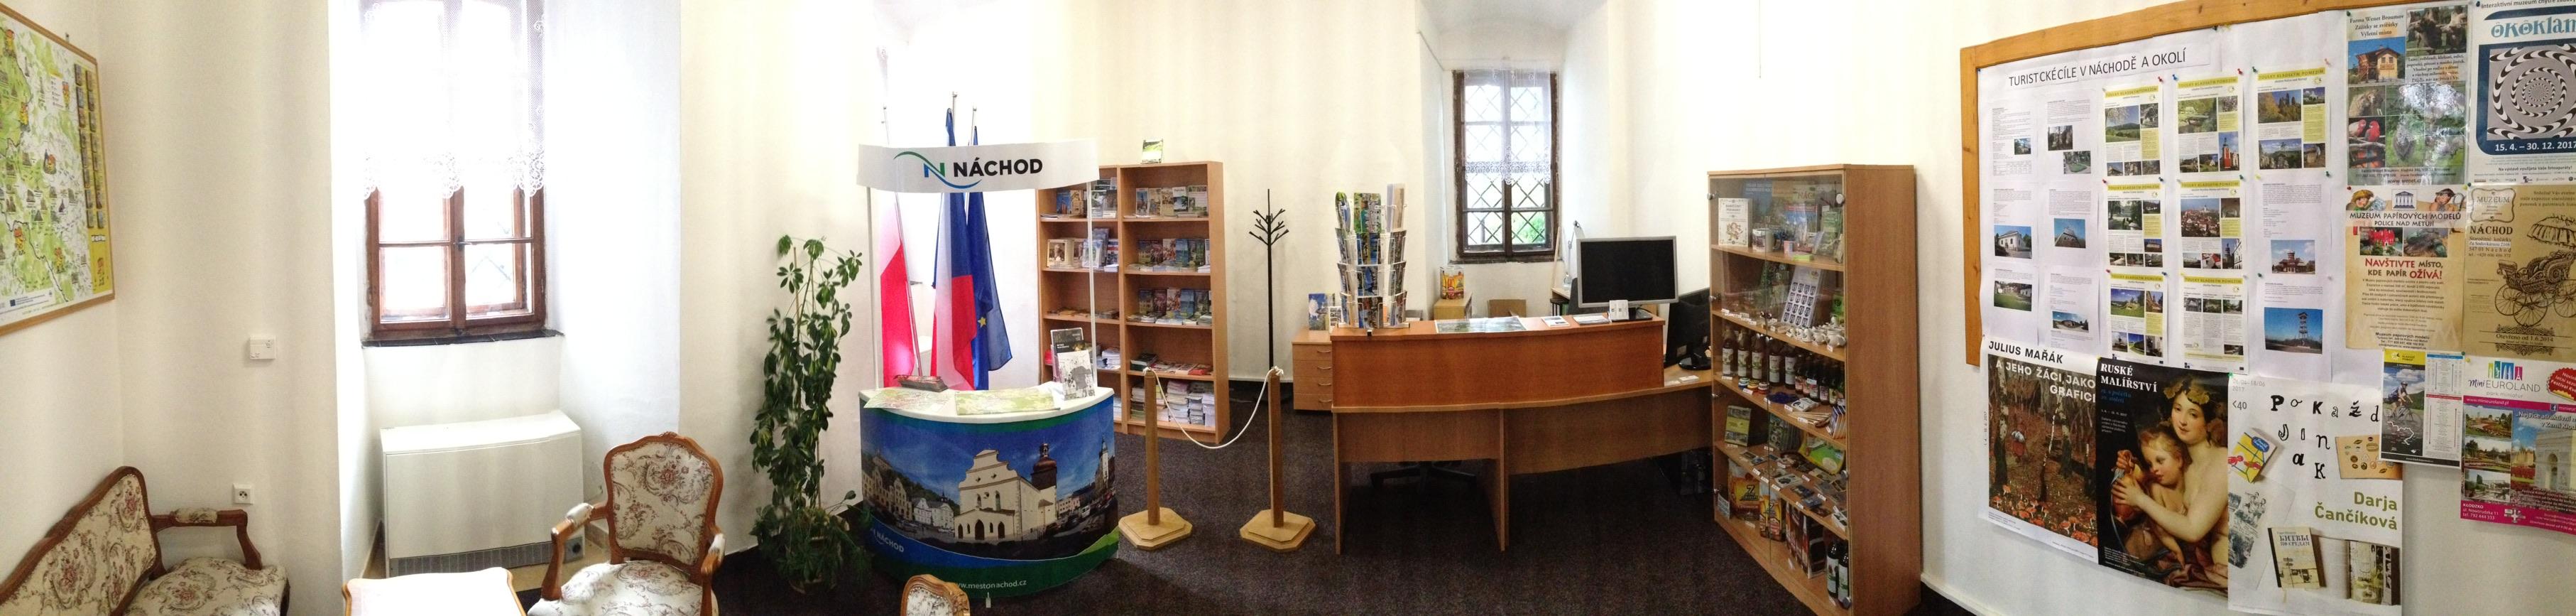 Turistická sezóna je v plném proudu též v Městském informačním centru na Státním zámku Náchod